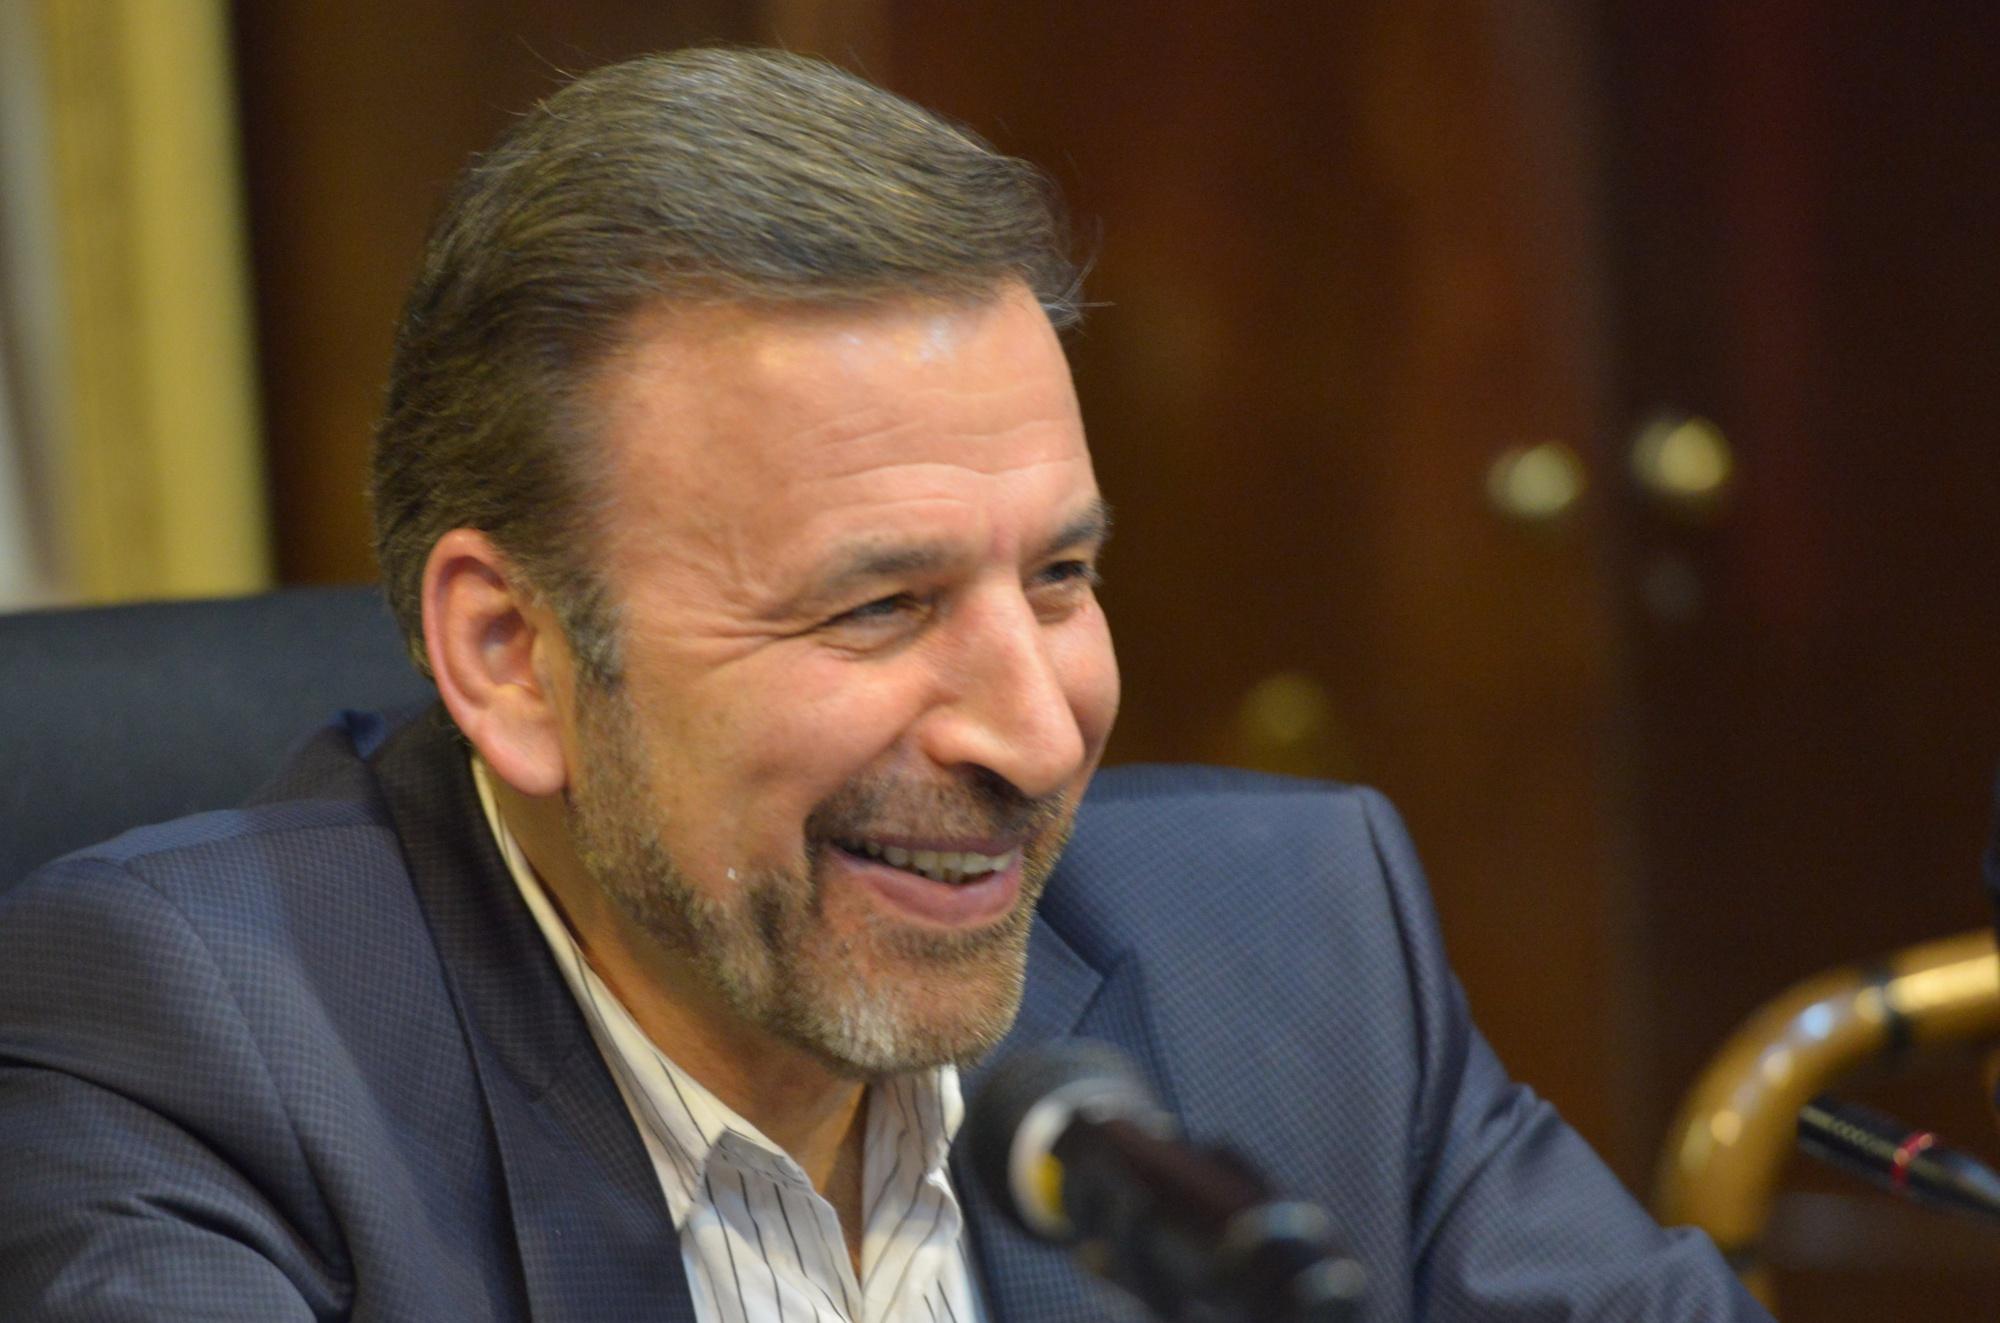 بازداشت روحالله زم نشان از اشراف اطلاعاتی و توان امنیتی سپاه پاسداران دارد